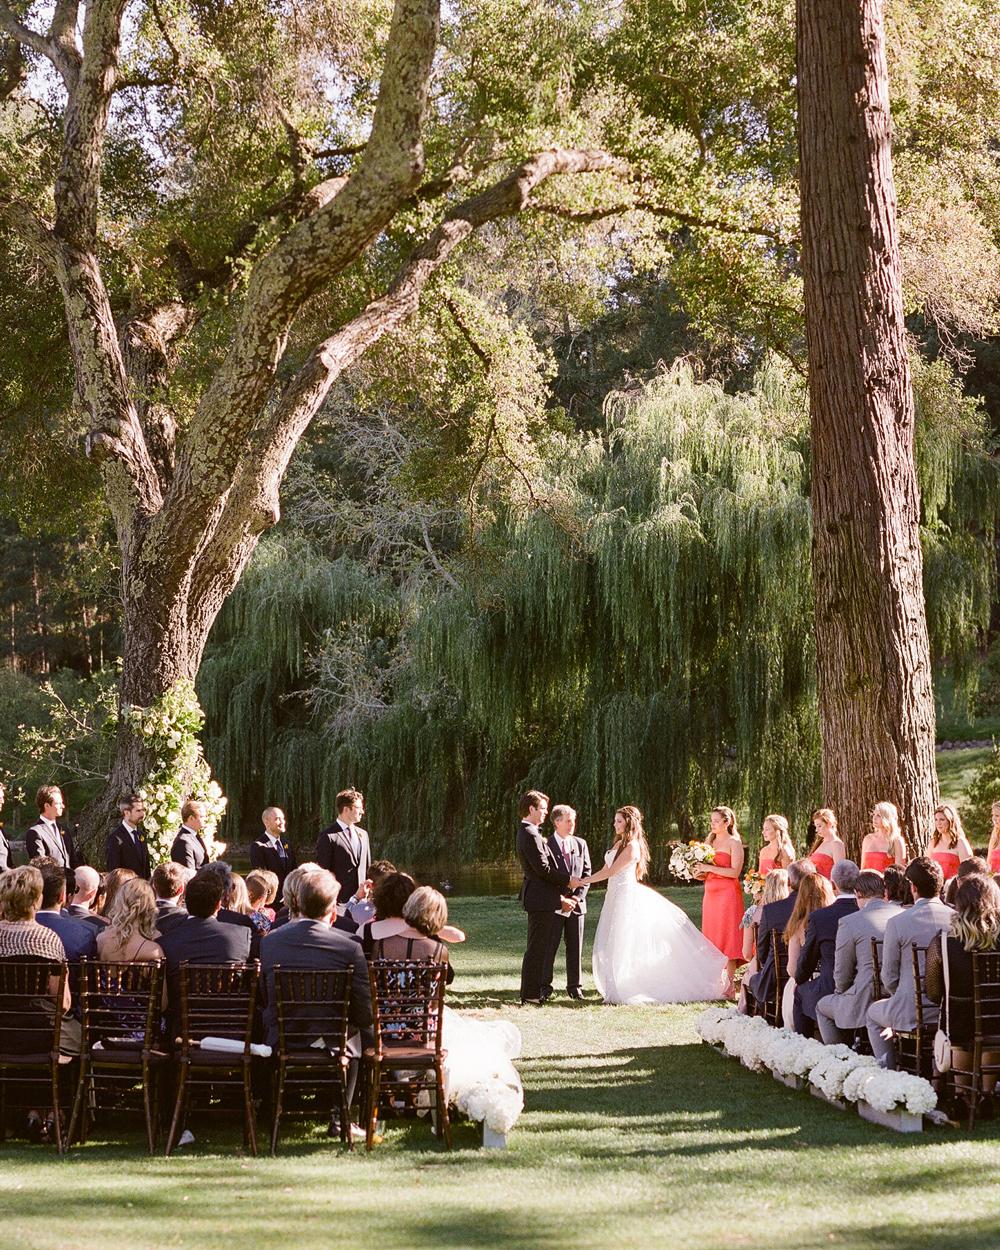 alessa andrew wedding ceremony